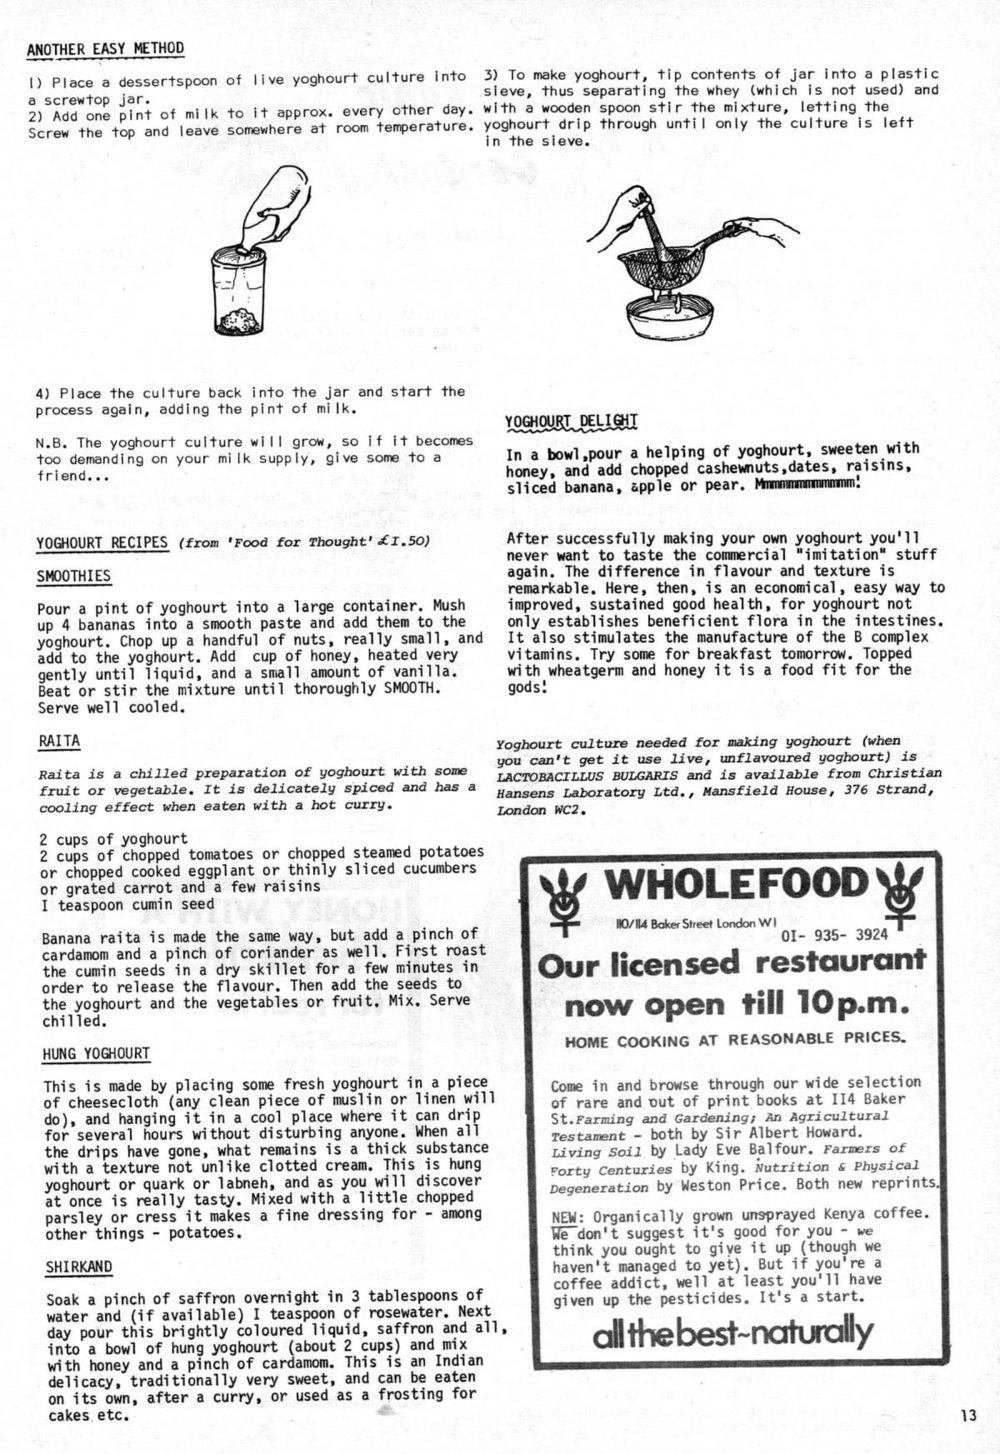 seed-v4-n3-march1975-13.jpg